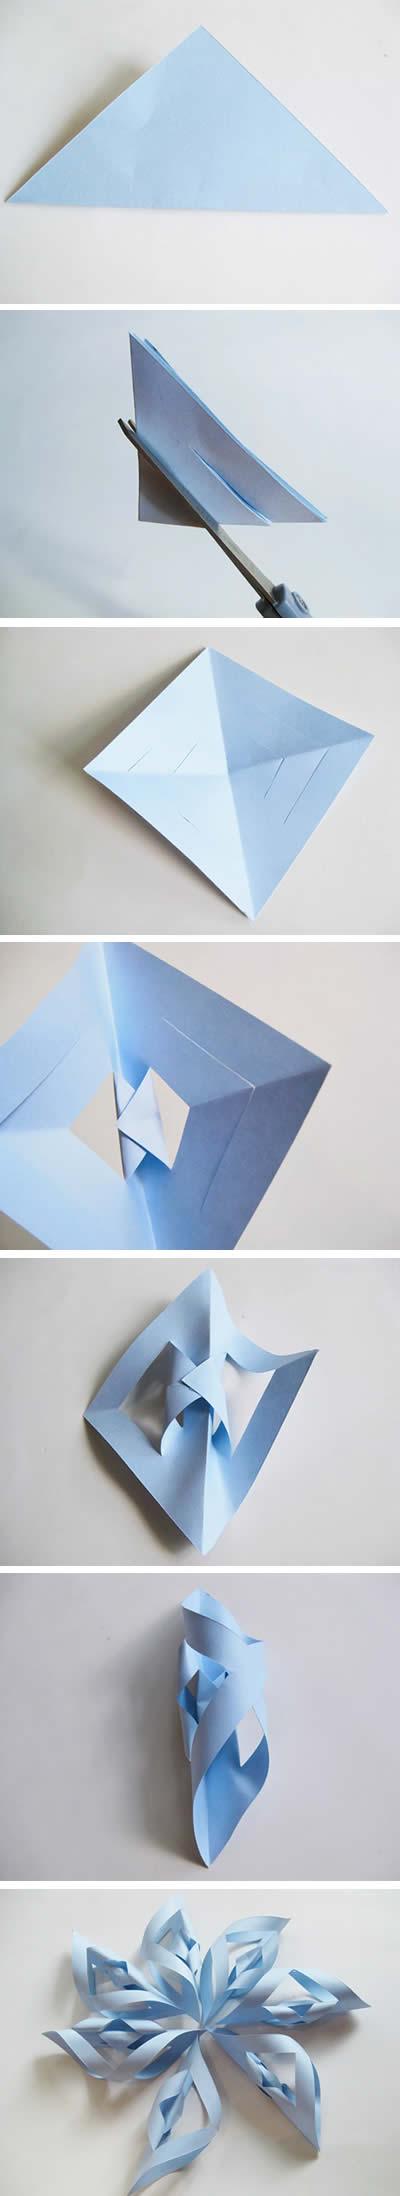 Floco de neve de papel - Enfeite para decoração de festa - passo a passo